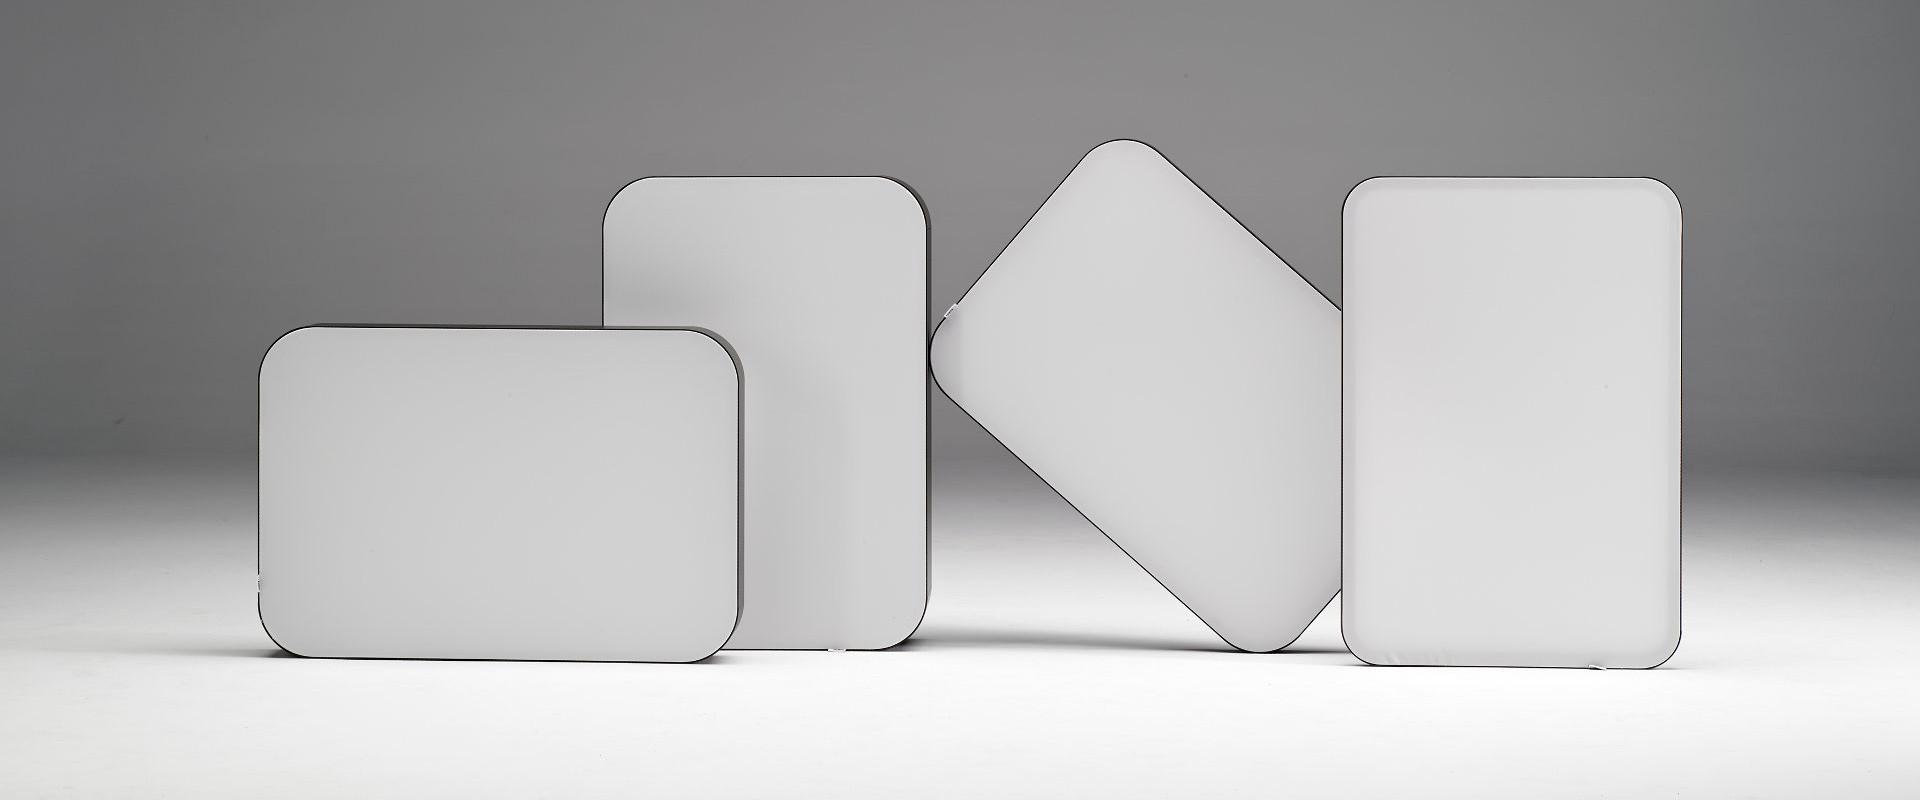 Smartframe round corners fabric frames